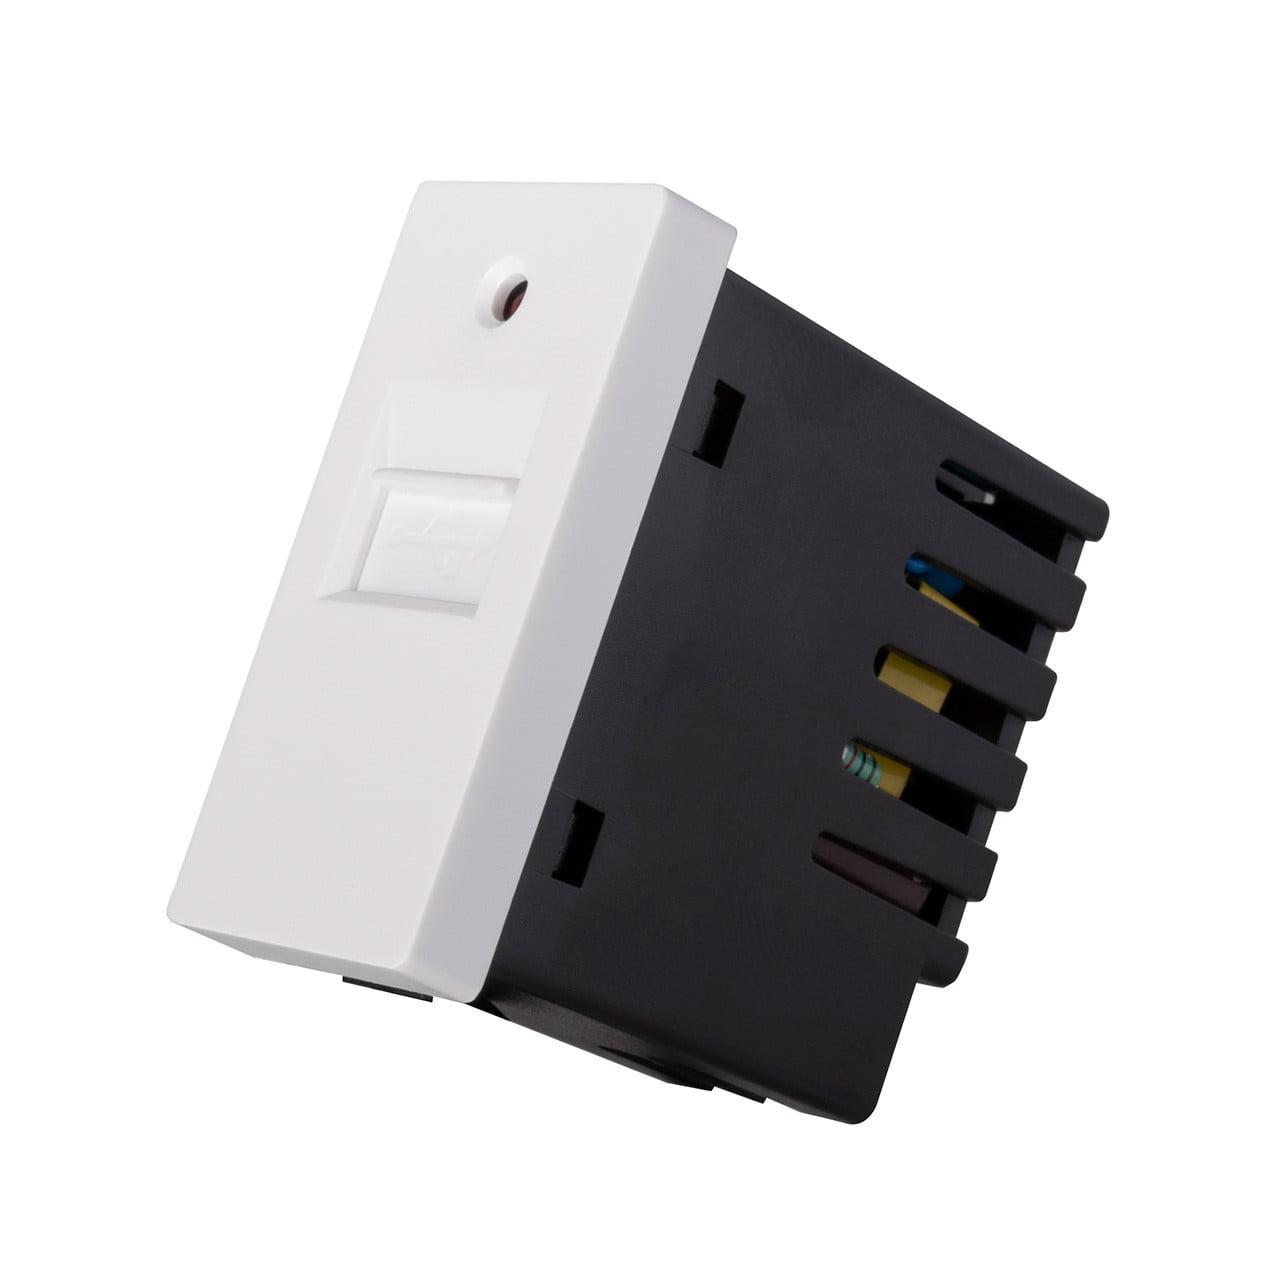 Modul Priza USB, 1.1A, Smart Home